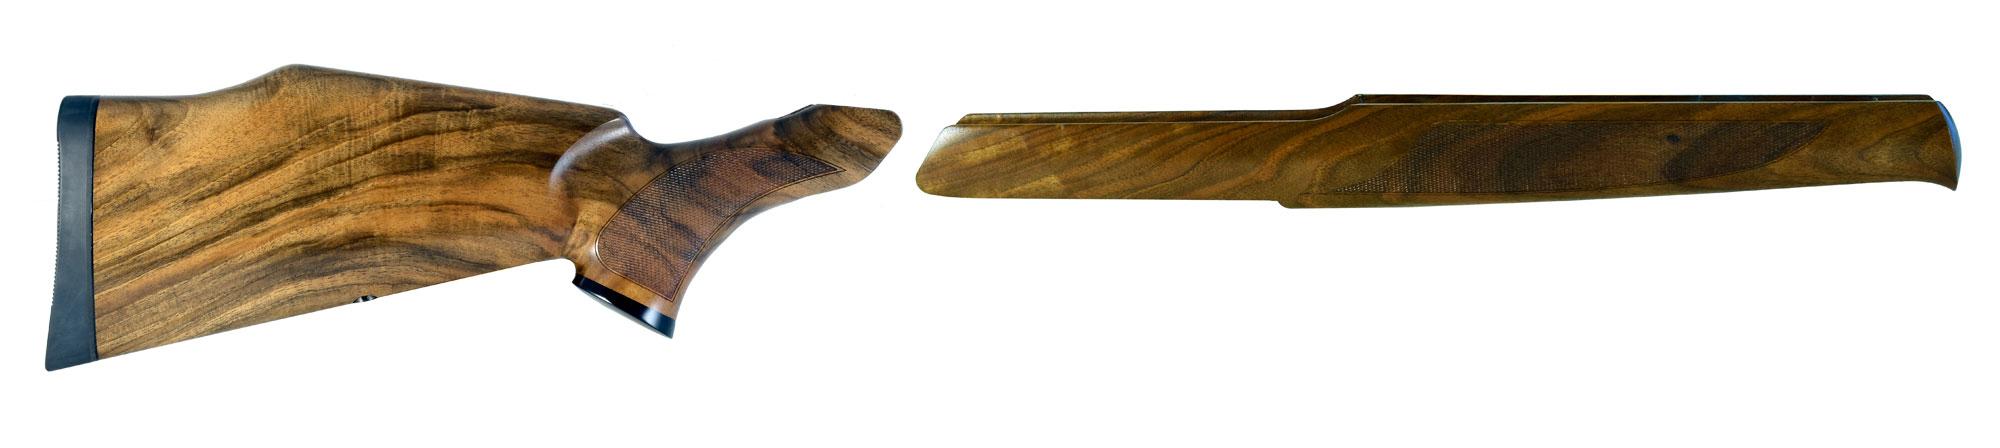 Sauer SA303G4WS 303 Grade 4 Wood Set